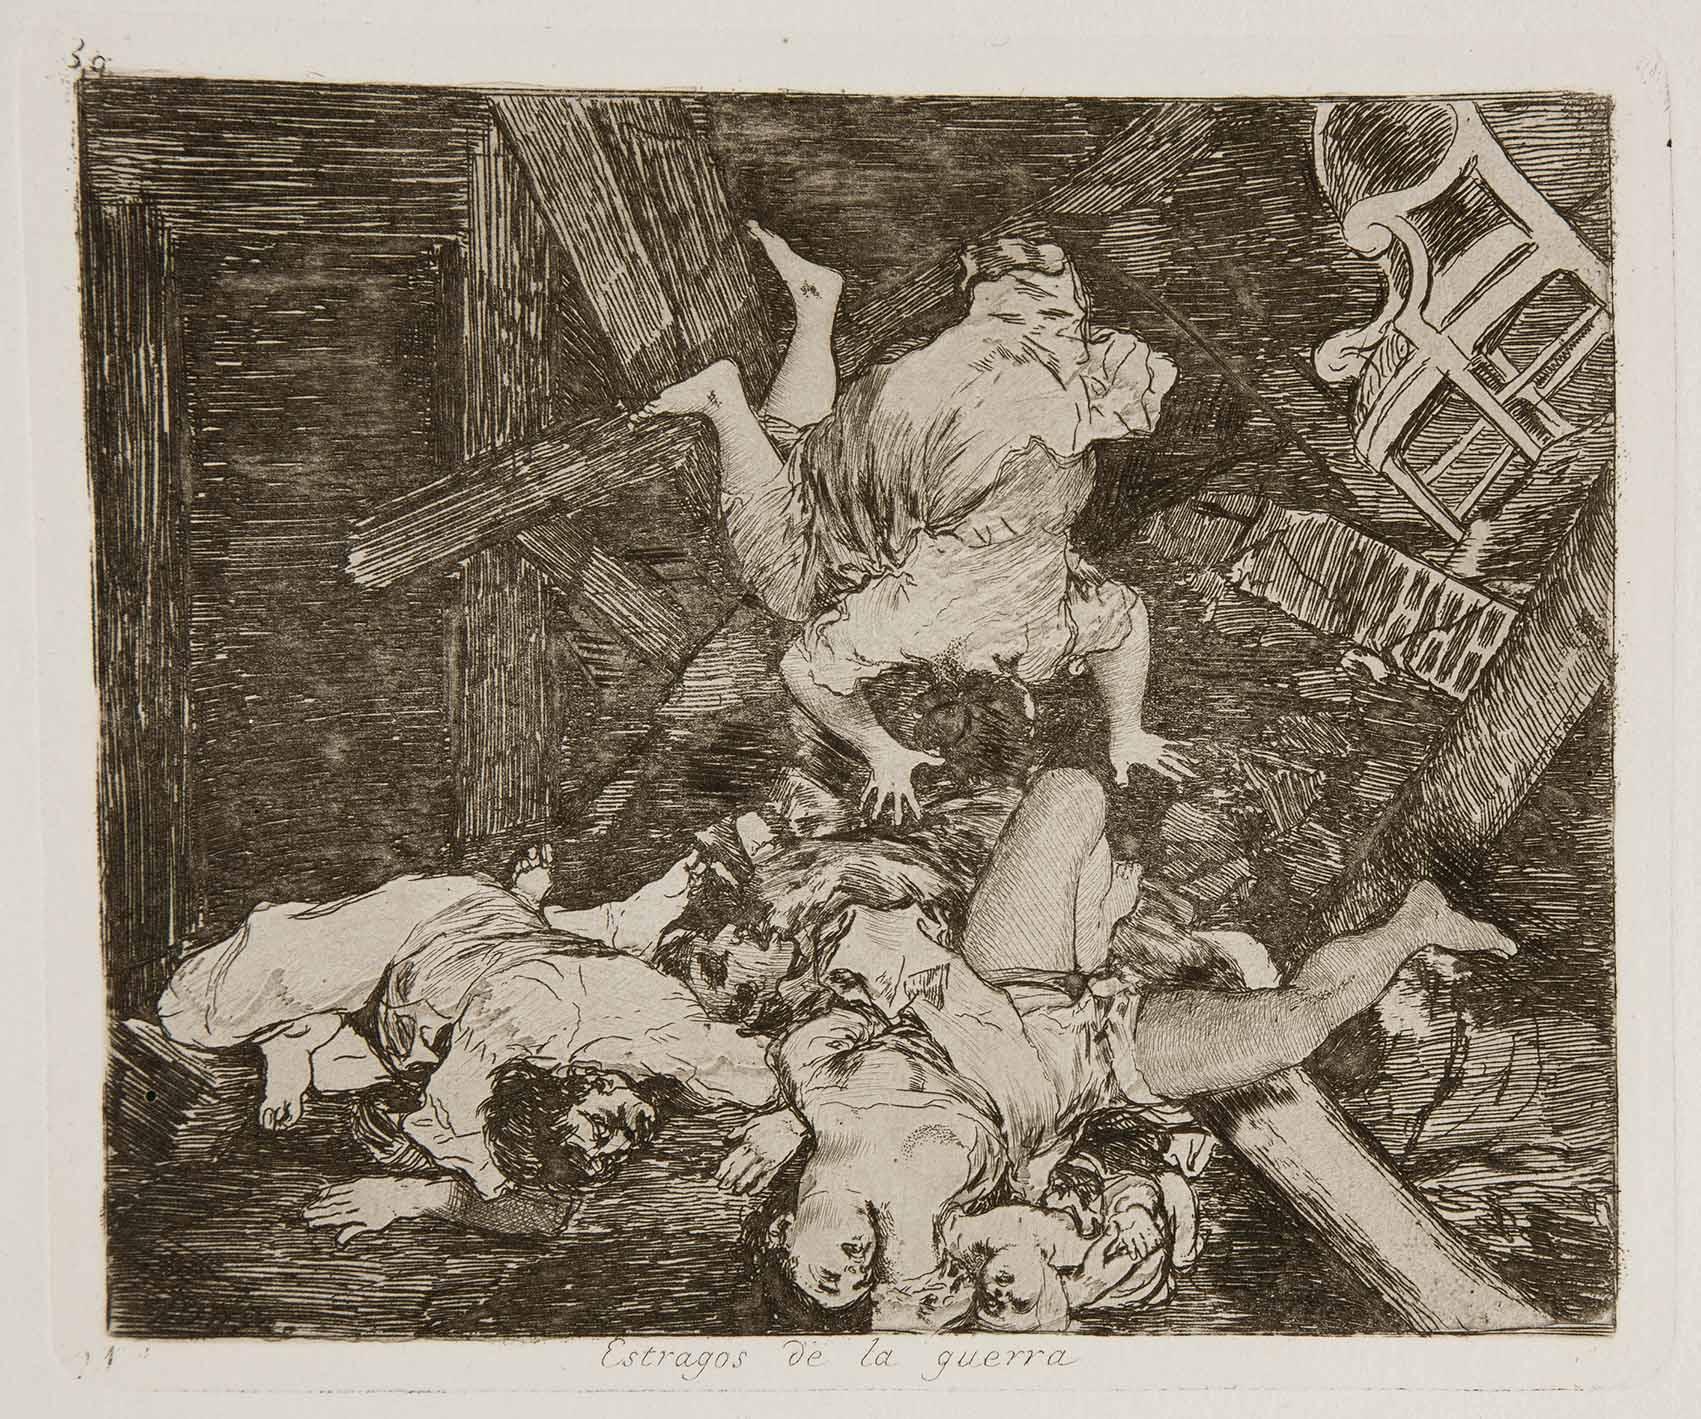 Goya: la angustiosa mirada de un trágico 2 de mayo Artes & contextos Prado Los Desastres de la Guerra No. 30 Estragos de la guerra